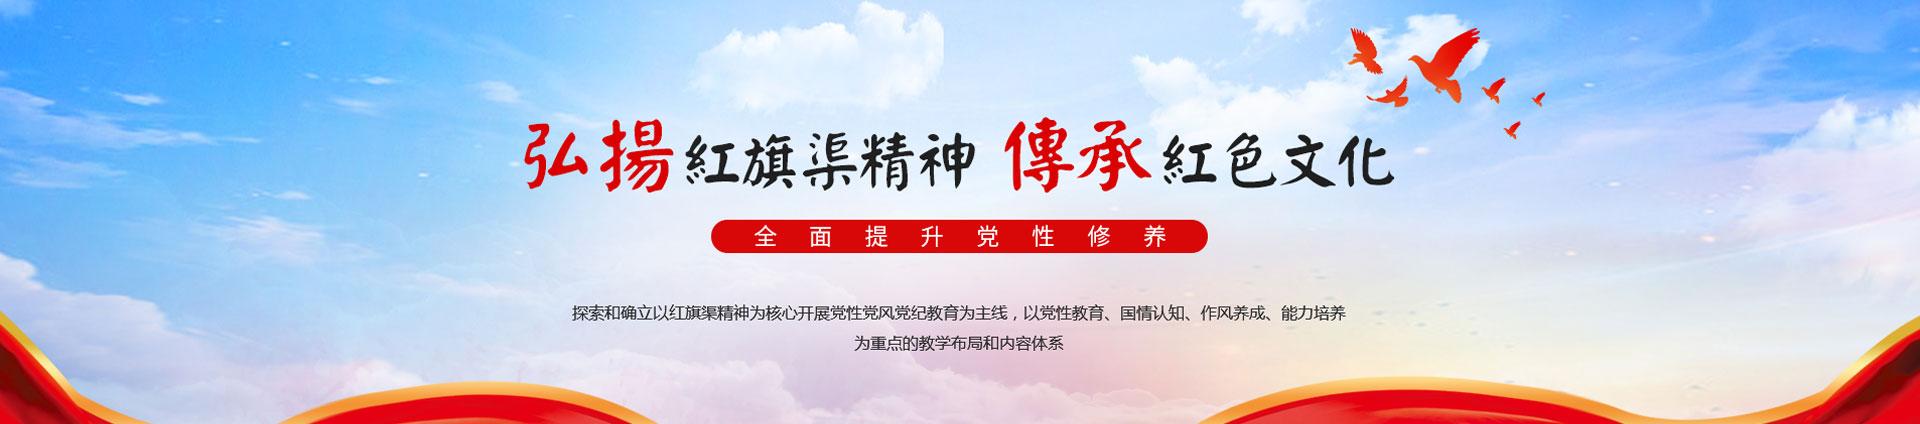 安阳市组工红色文化培训中心党性教育培训